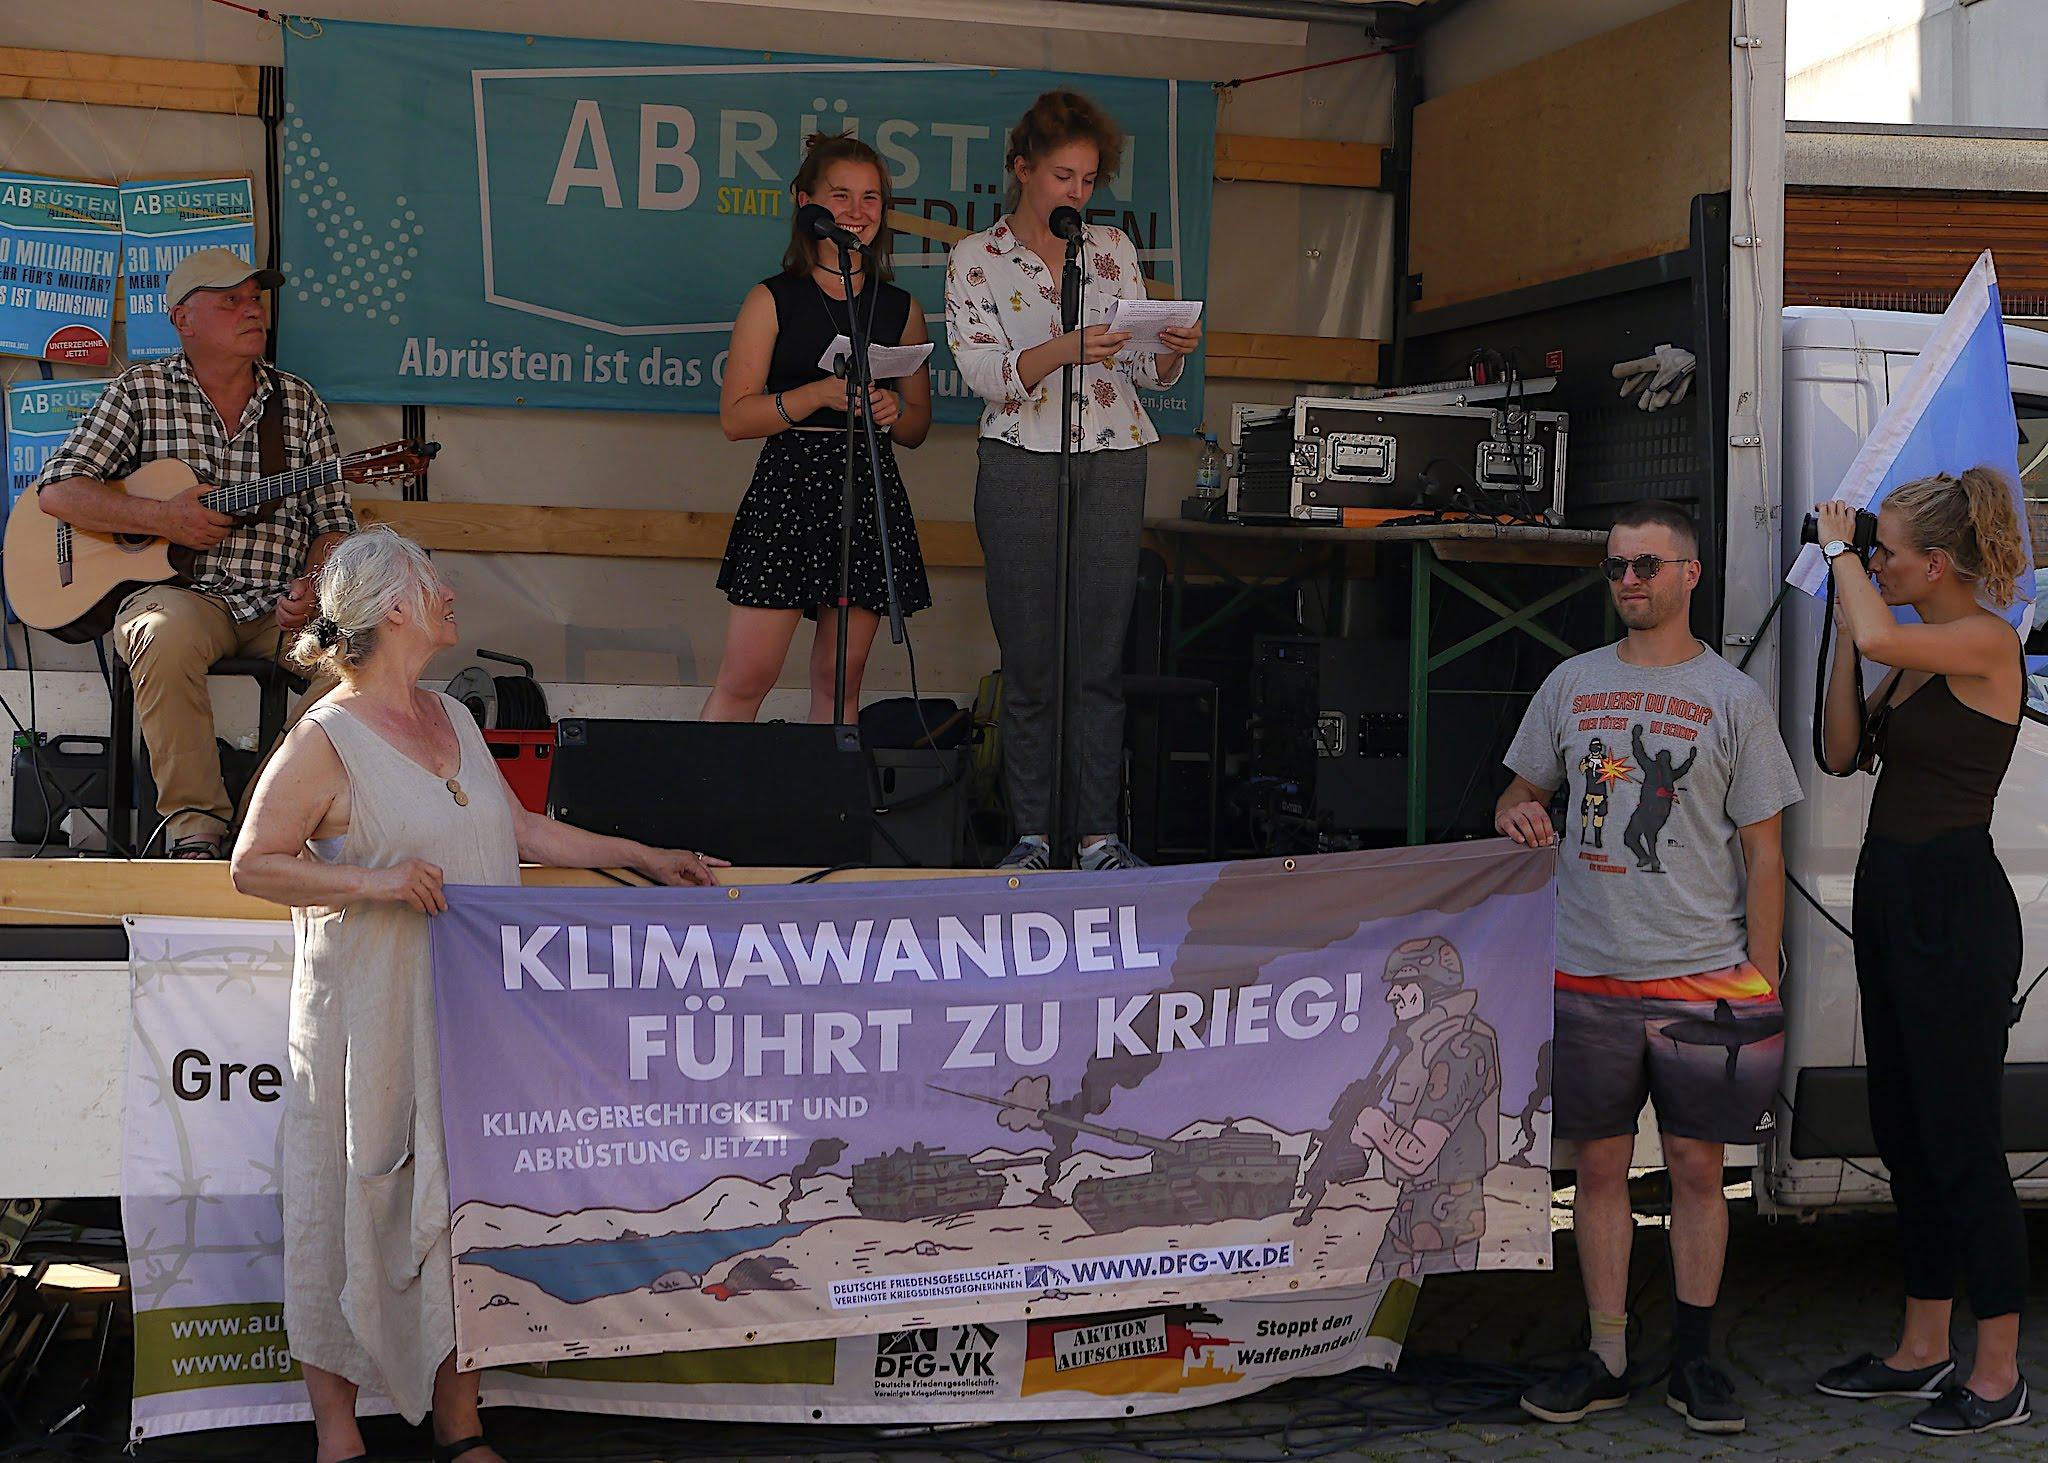 """Auf der kleinen Bühne stehen zwei junge Mädchen. Dahinter ein türkisfarbenes Transparent """"Abrüsten statt aufrüsten"""""""